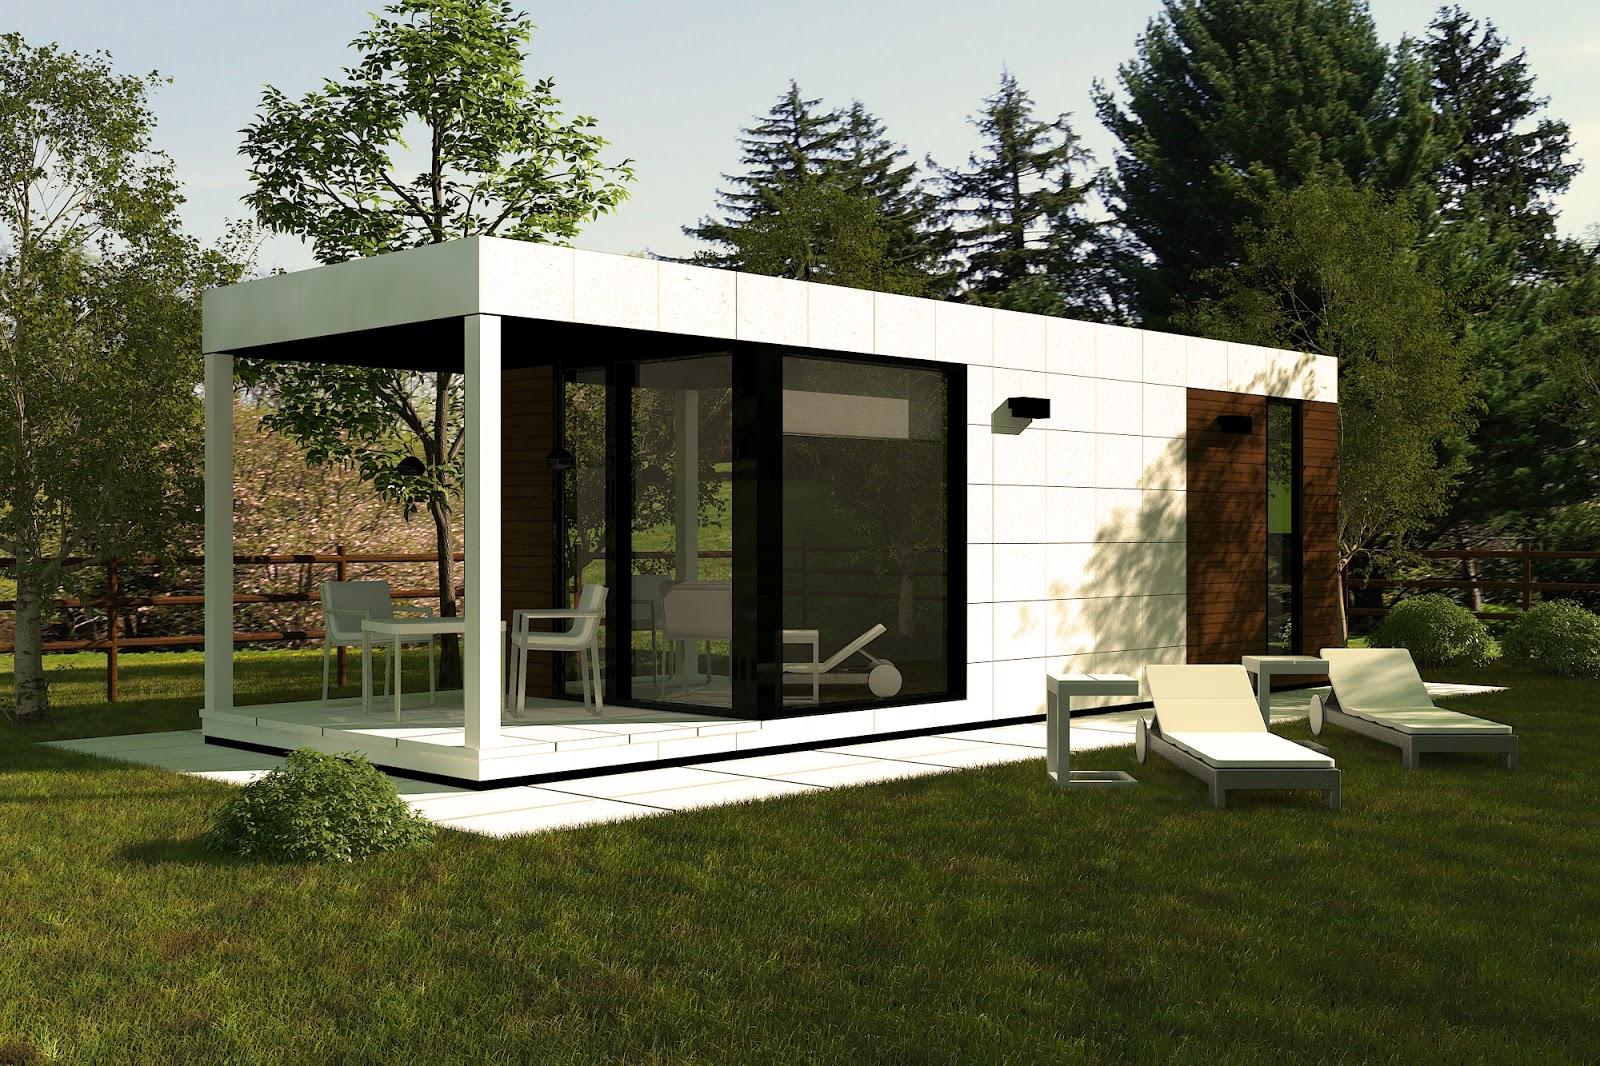 Suite 21 ampl a la capacidad de alojamiento de tu hotel - Modulos de vivienda prefabricados ...